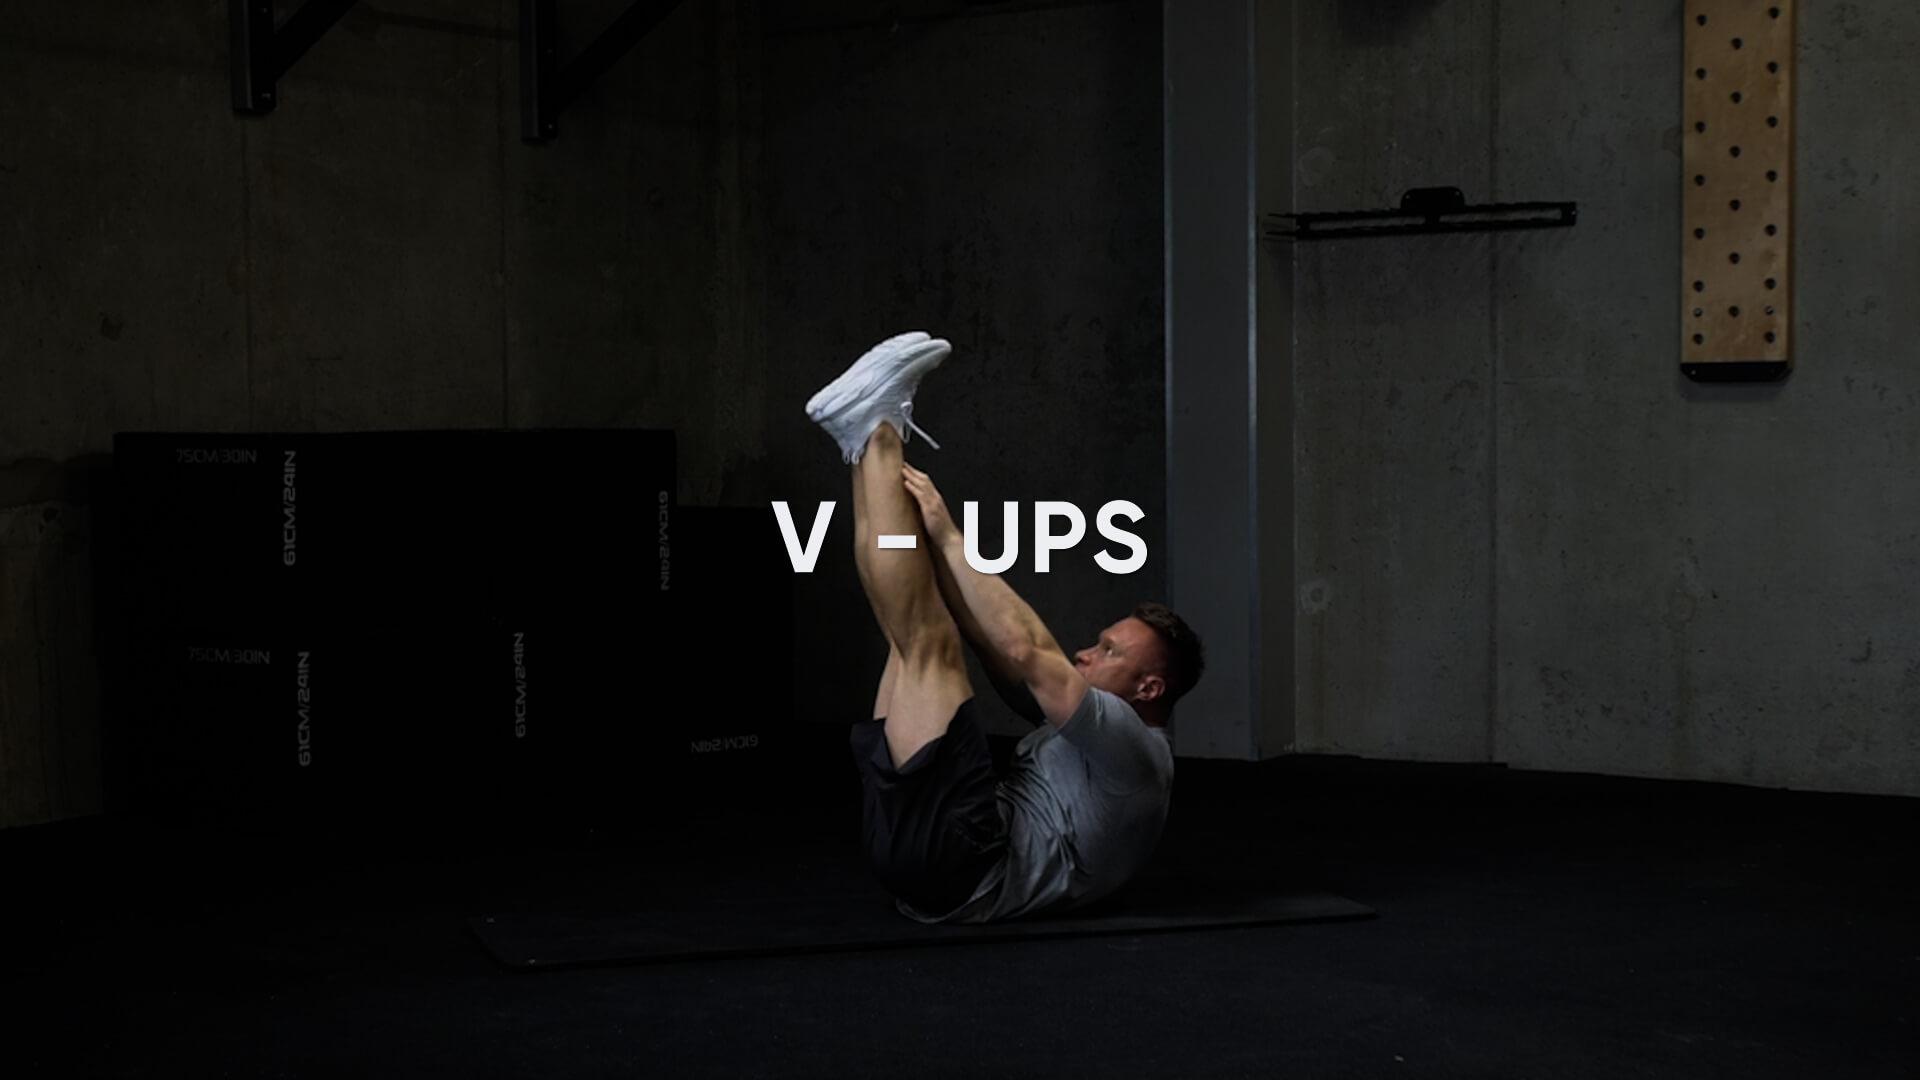 V-Ups